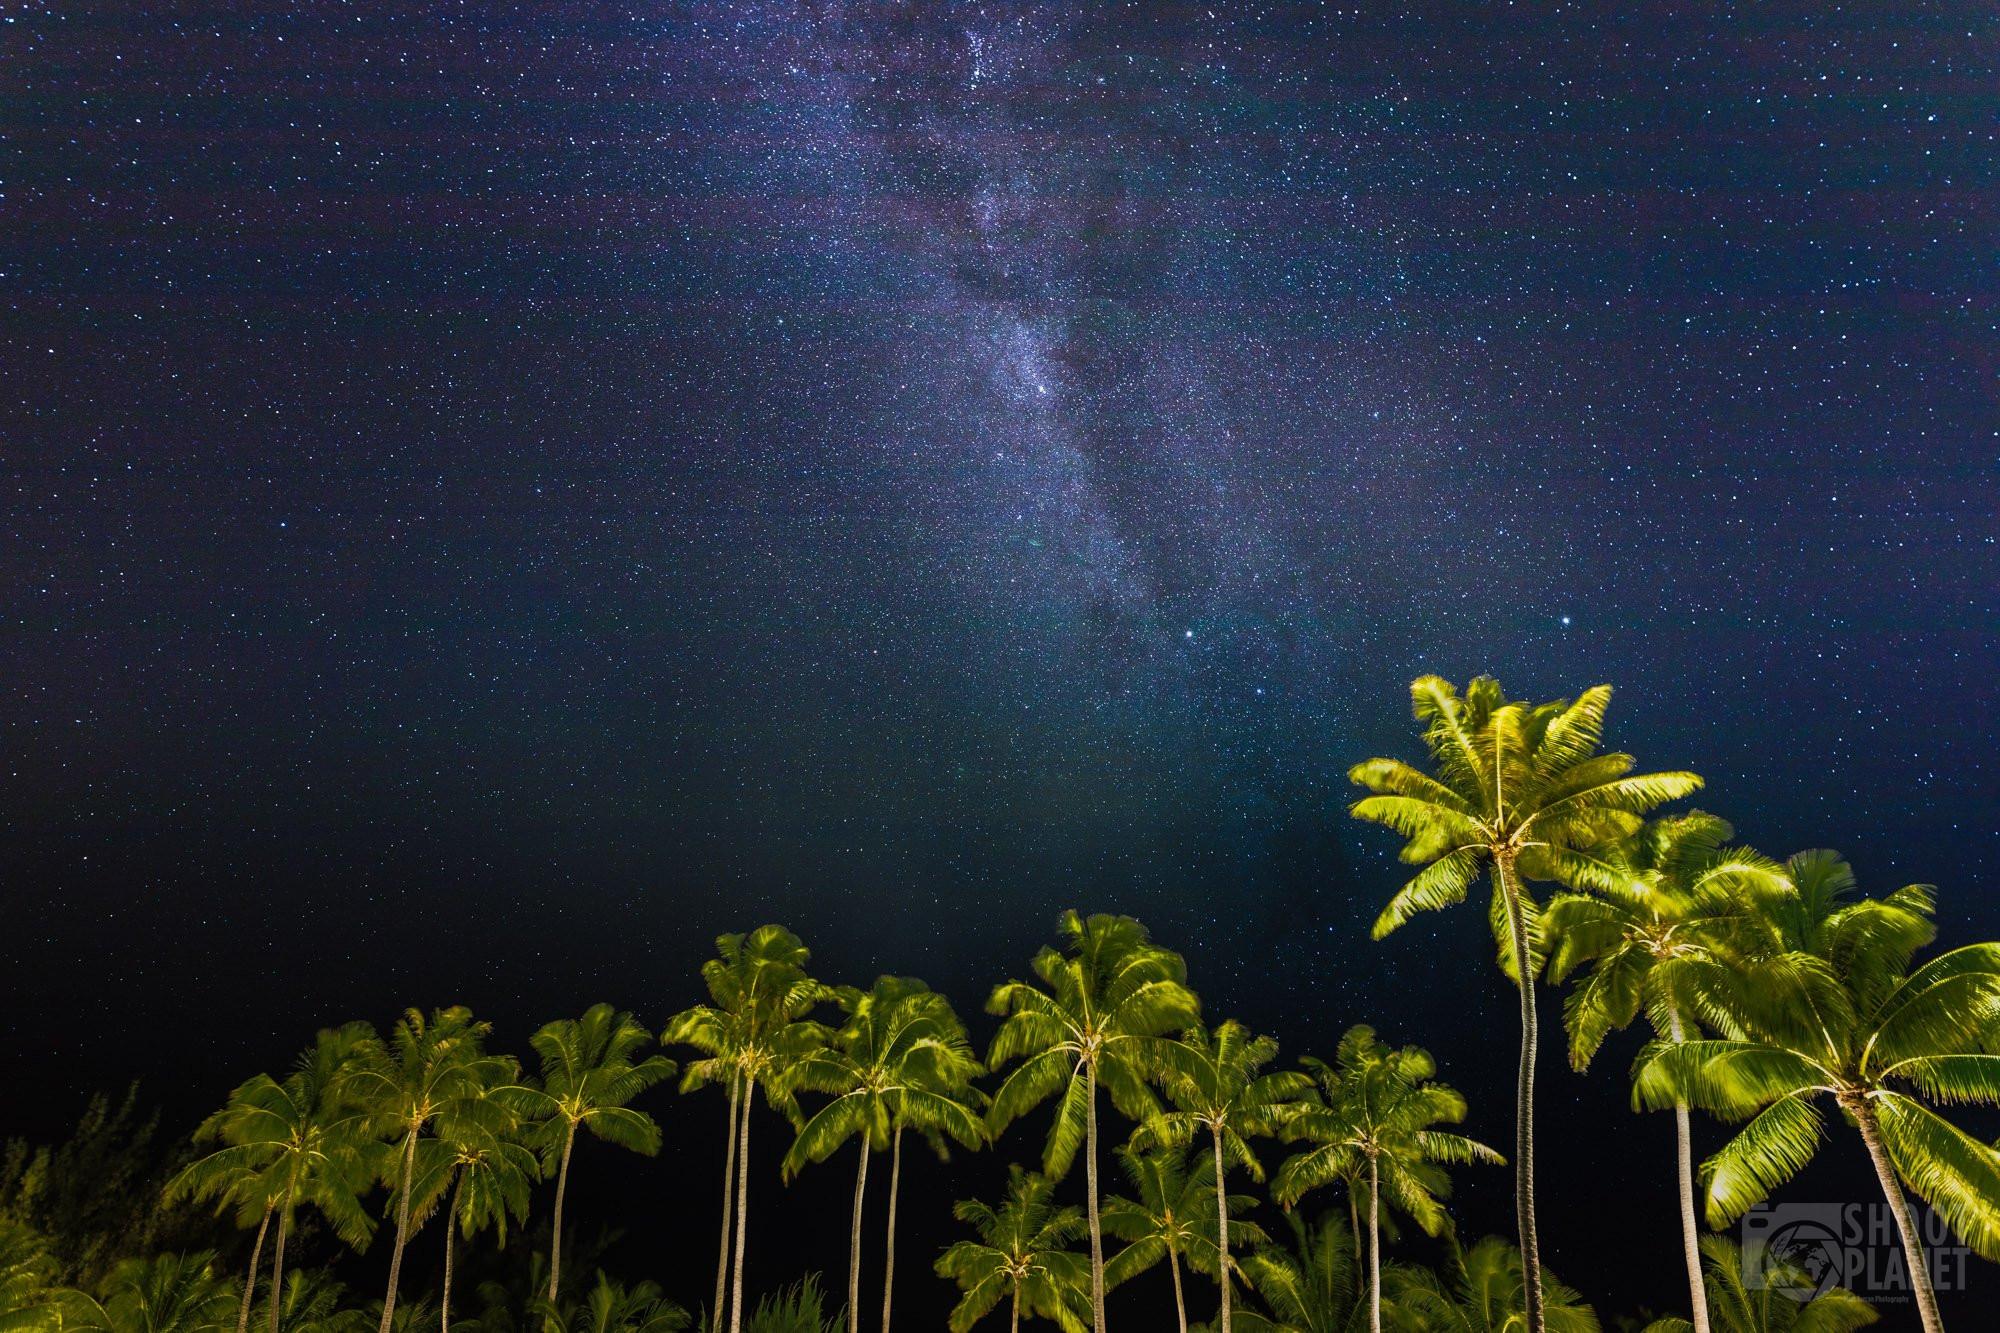 Milky Way above palm trees, Bora-Bora